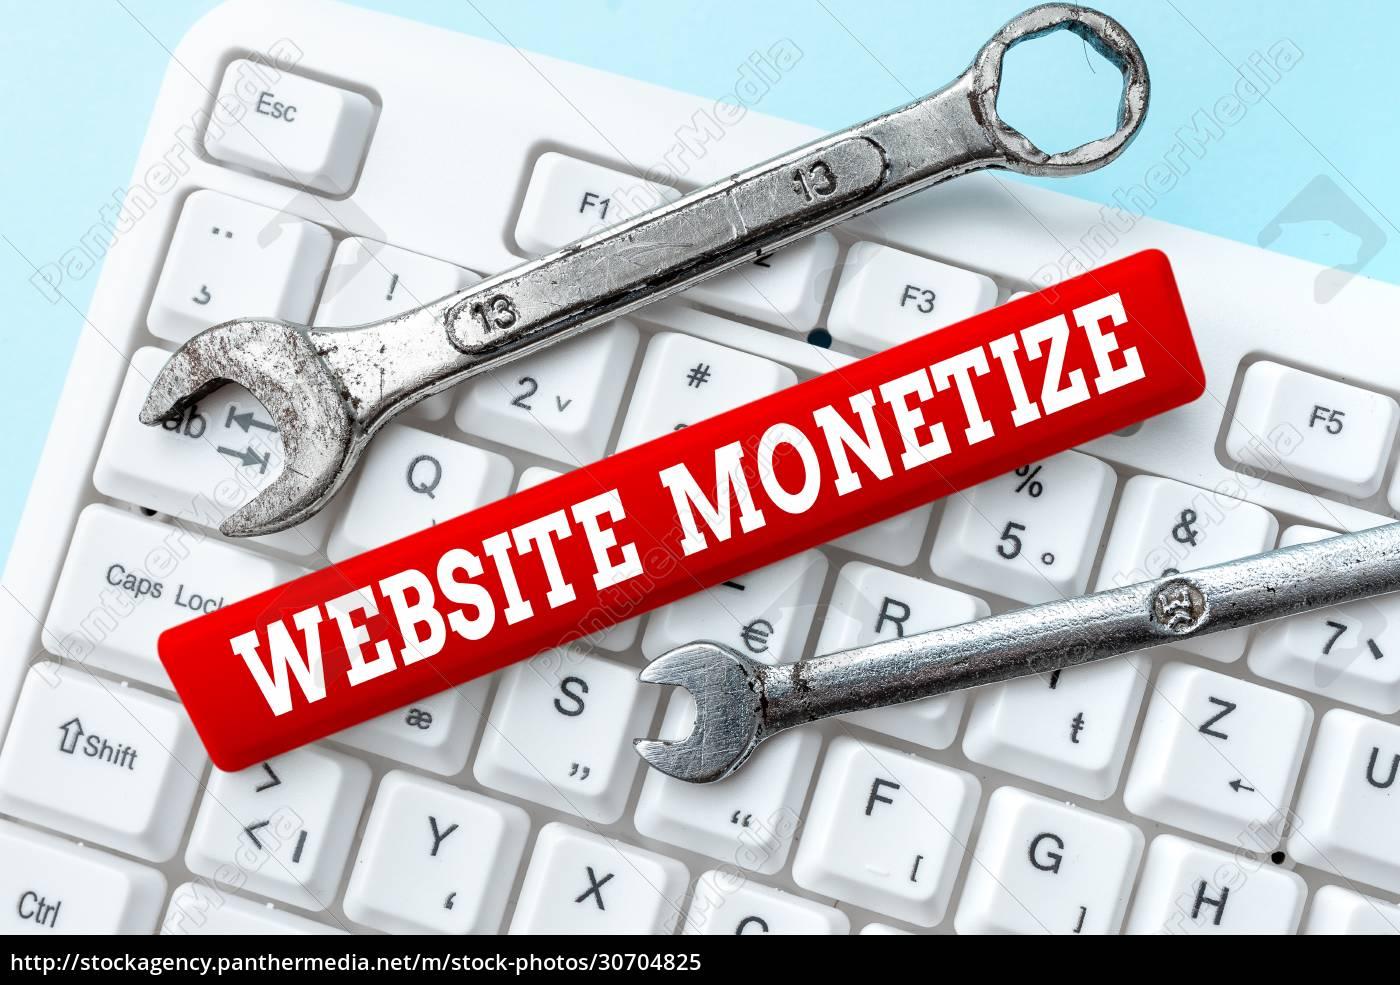 handwriting, text, website, monetize., business, concept - 30704825